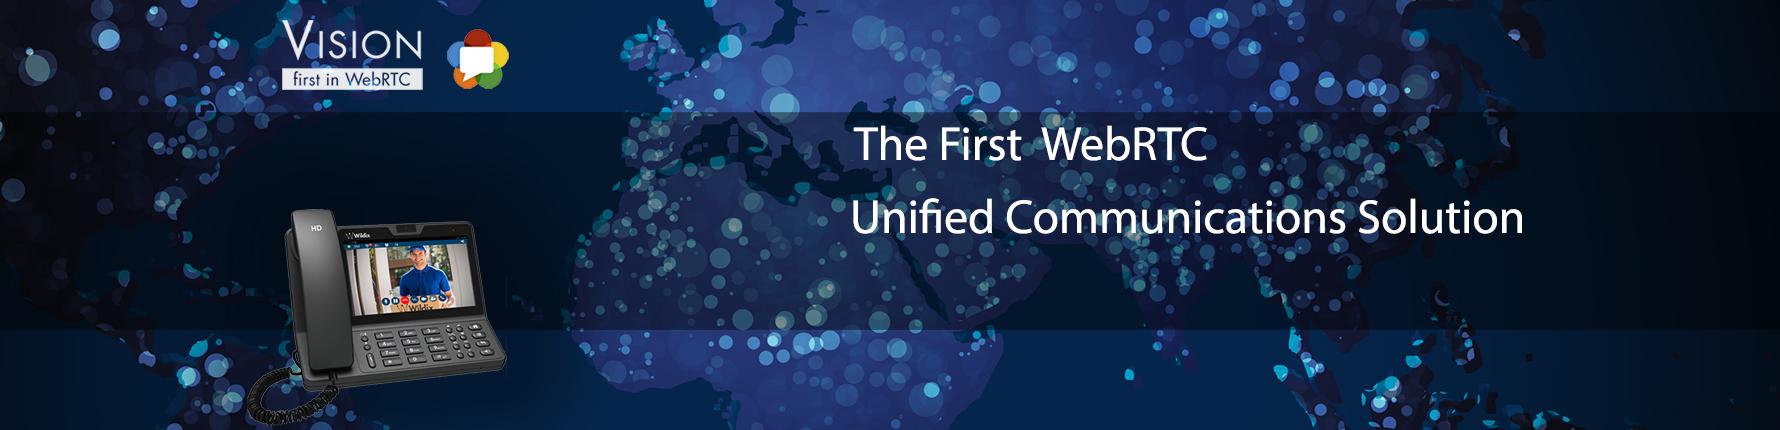 The First WebRTC